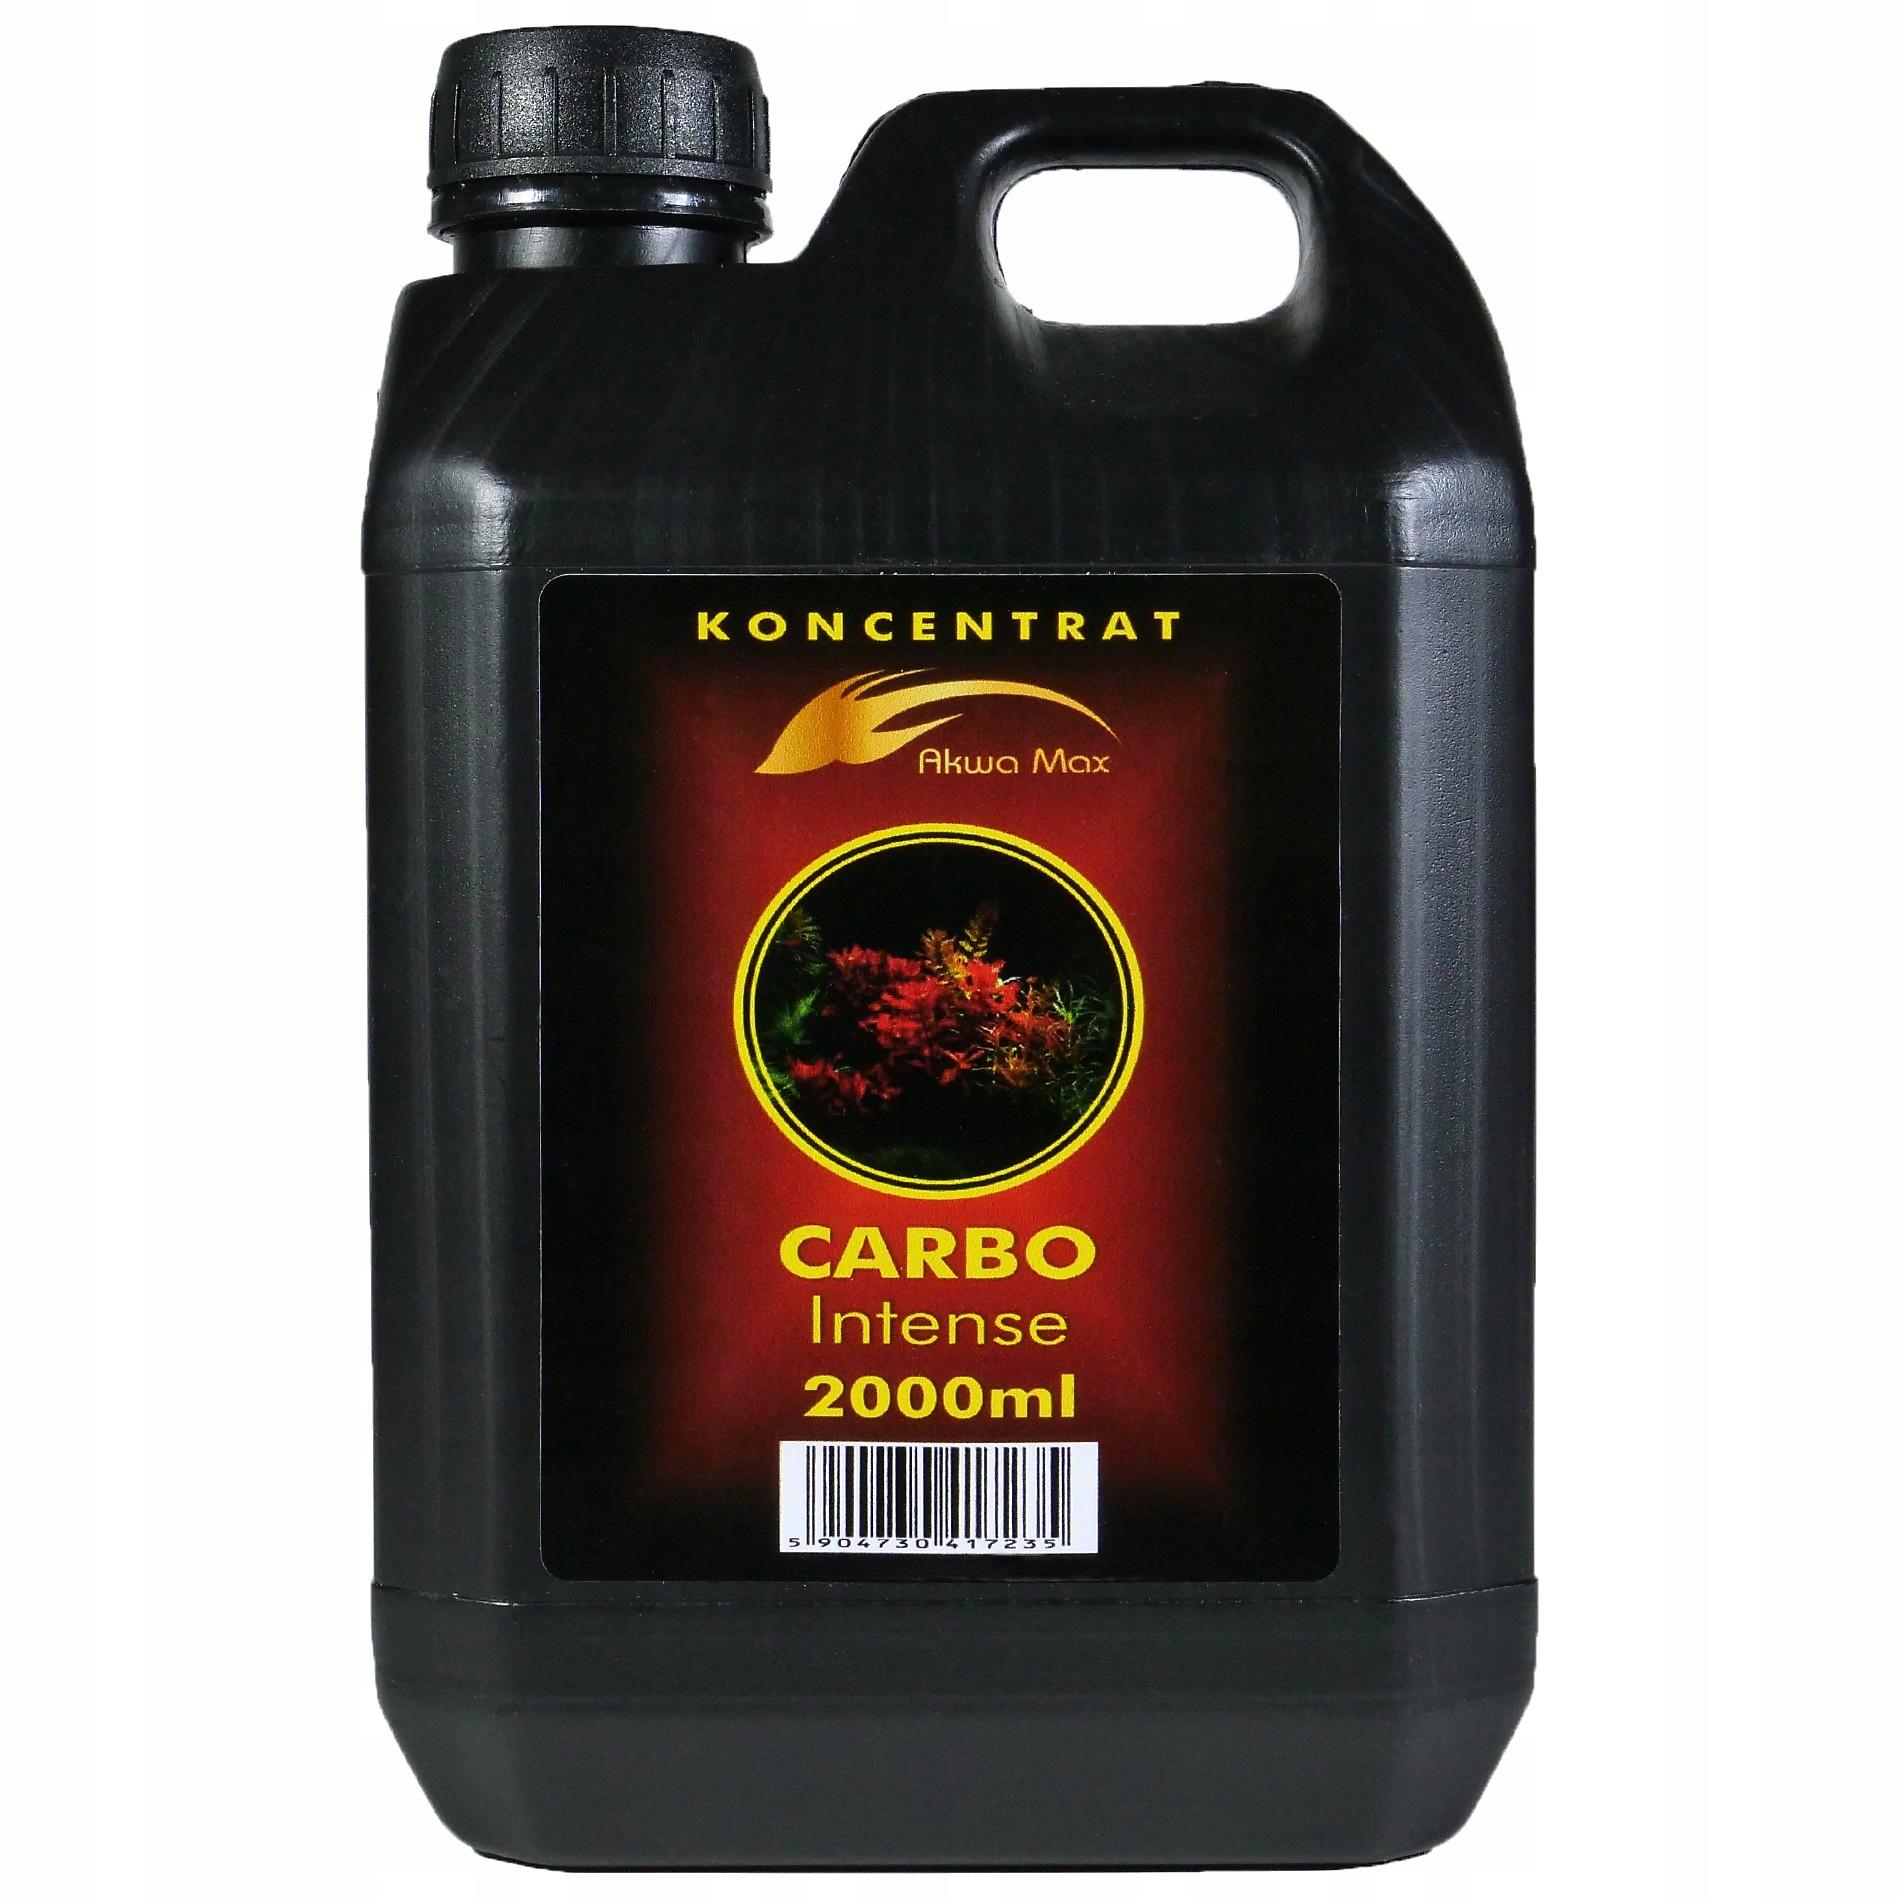 AKWA MAX CARBO INTENSE 2000ml/200 000L. KONCENTRAT